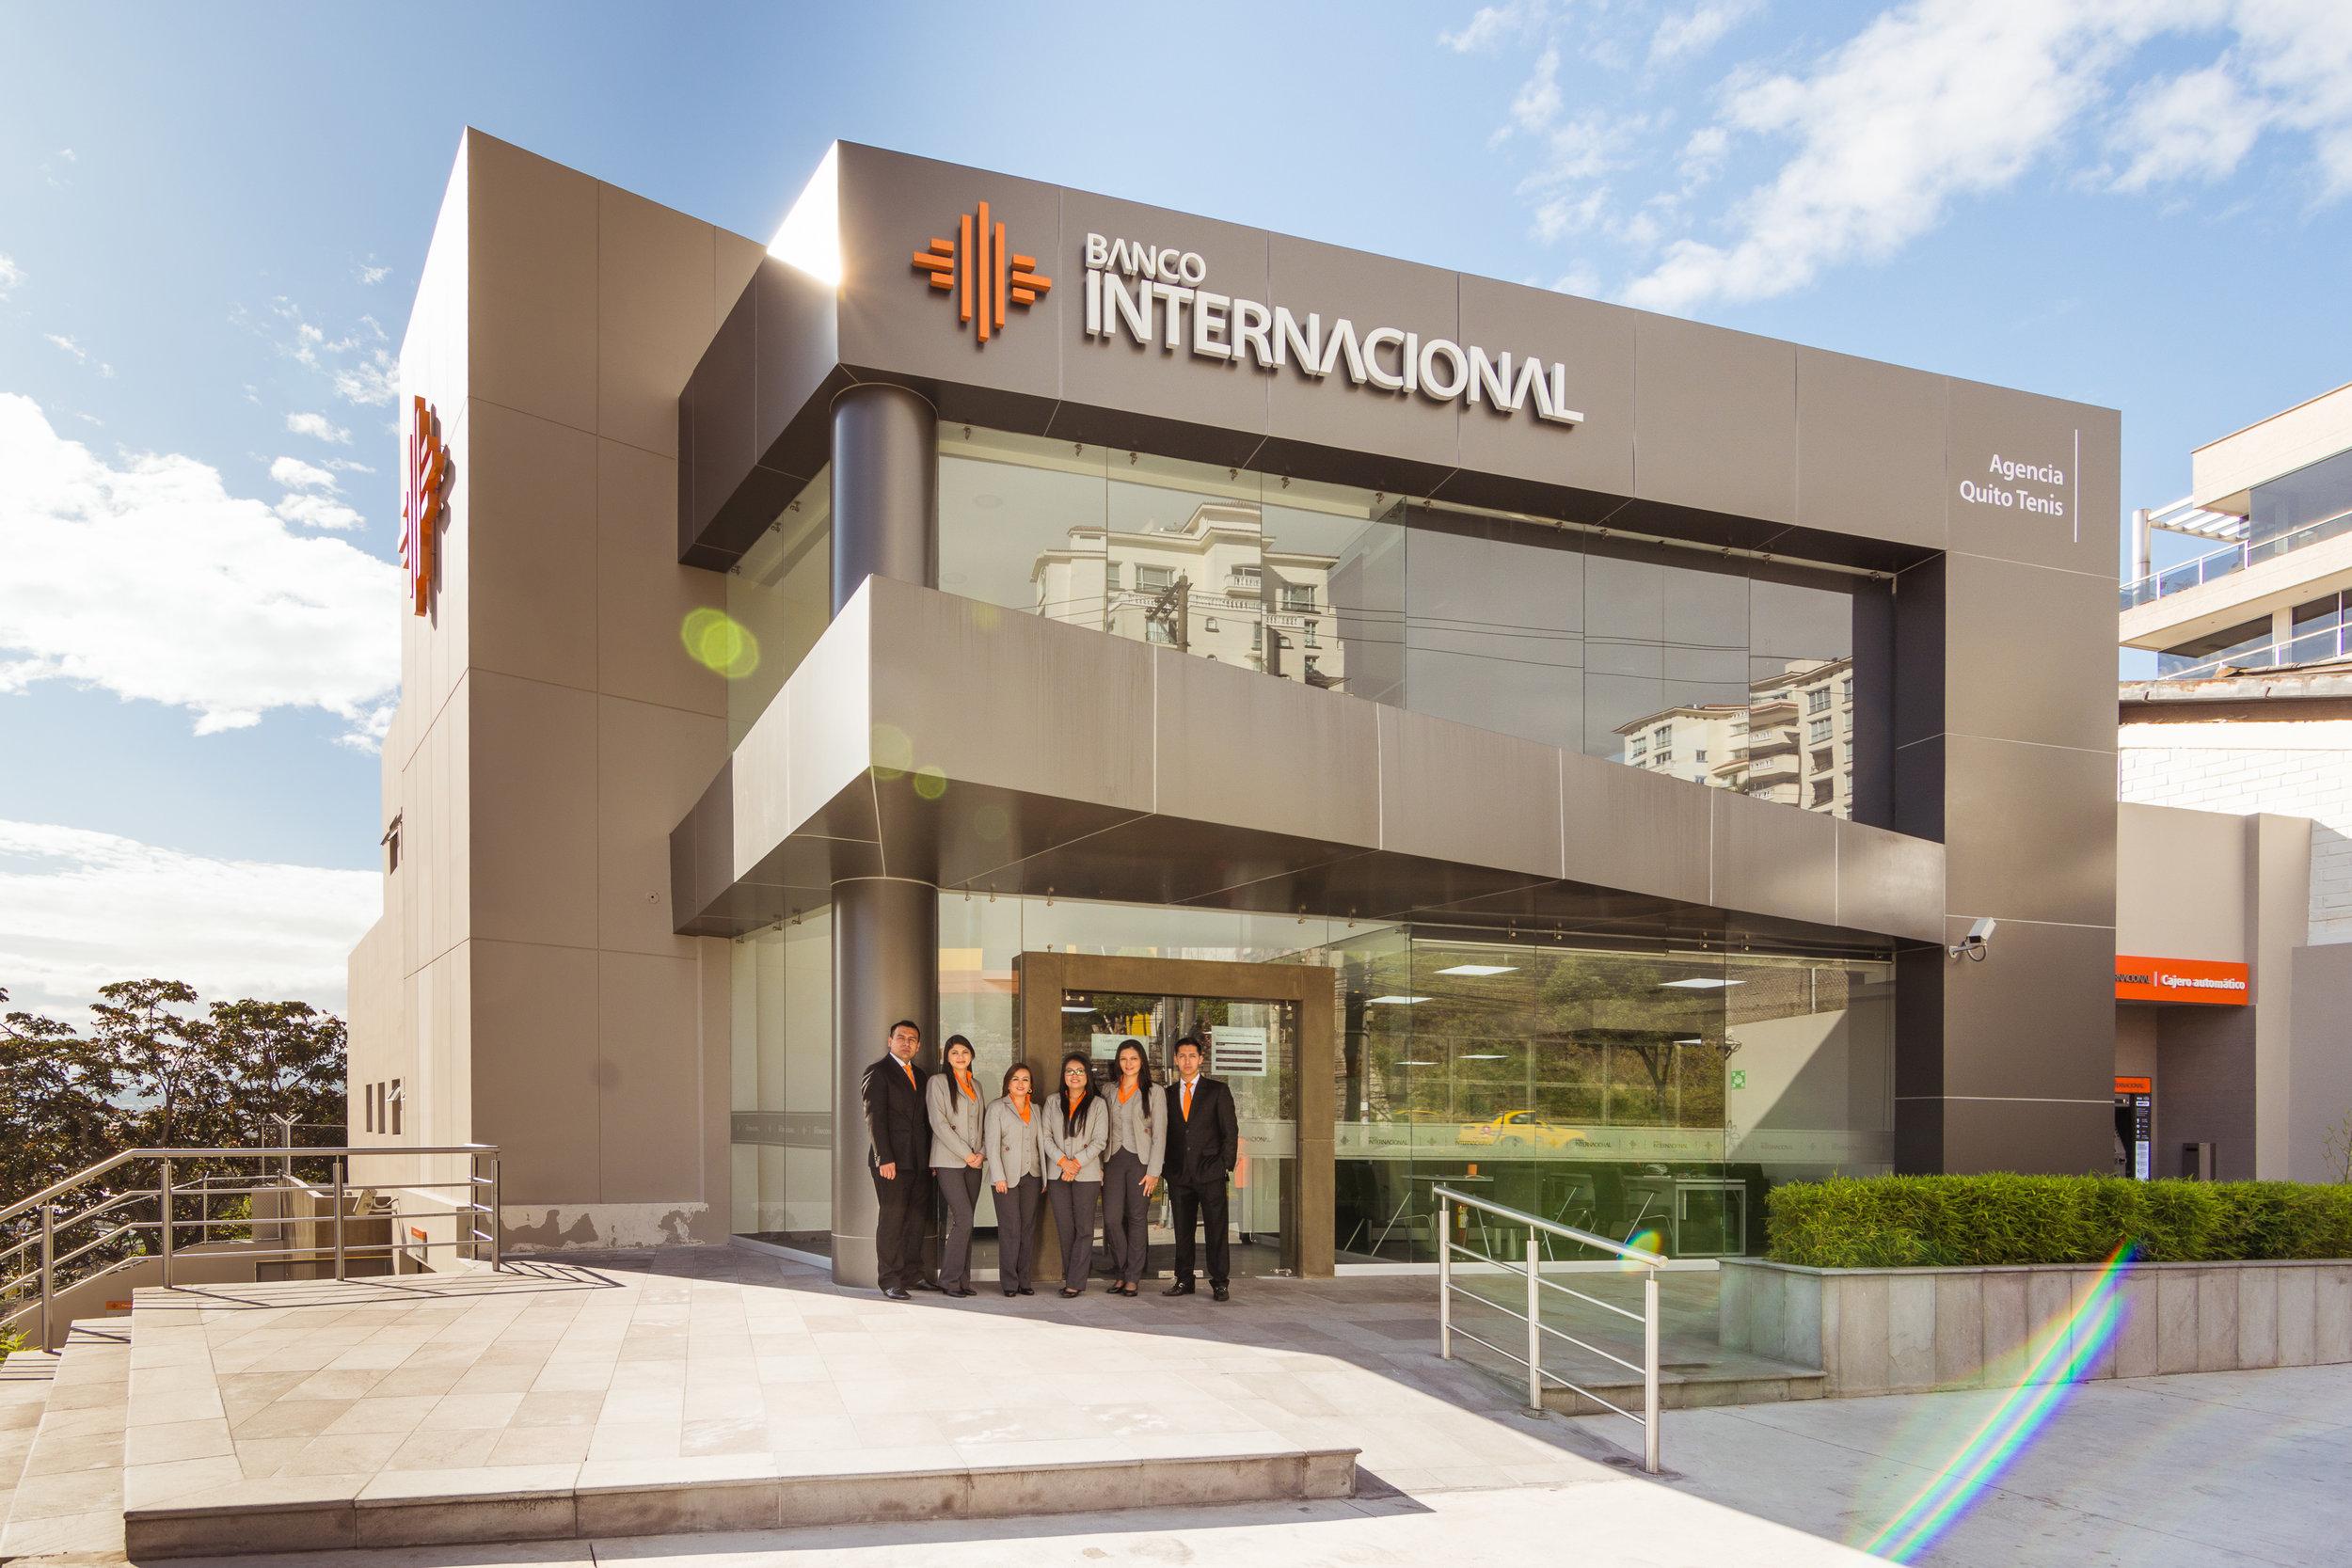 BANCO INTERNACIONAL - Nueva Agencia Quito tenis.